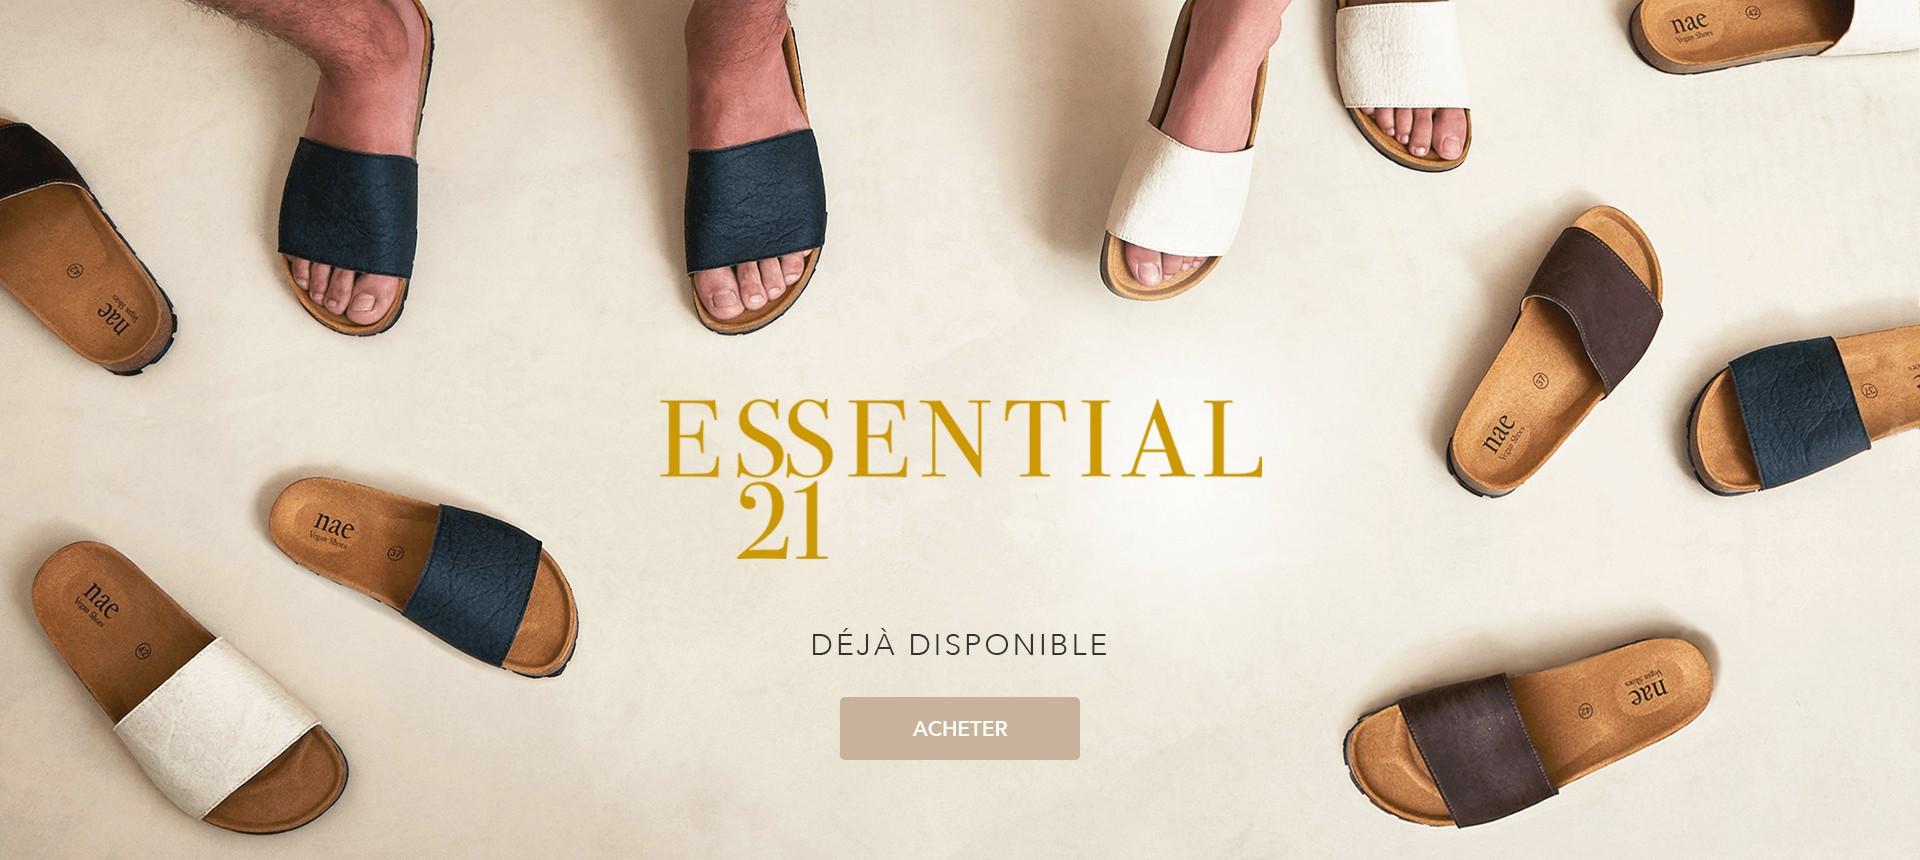 Chaussures véganes - Nouvelle collection printemps-été_1